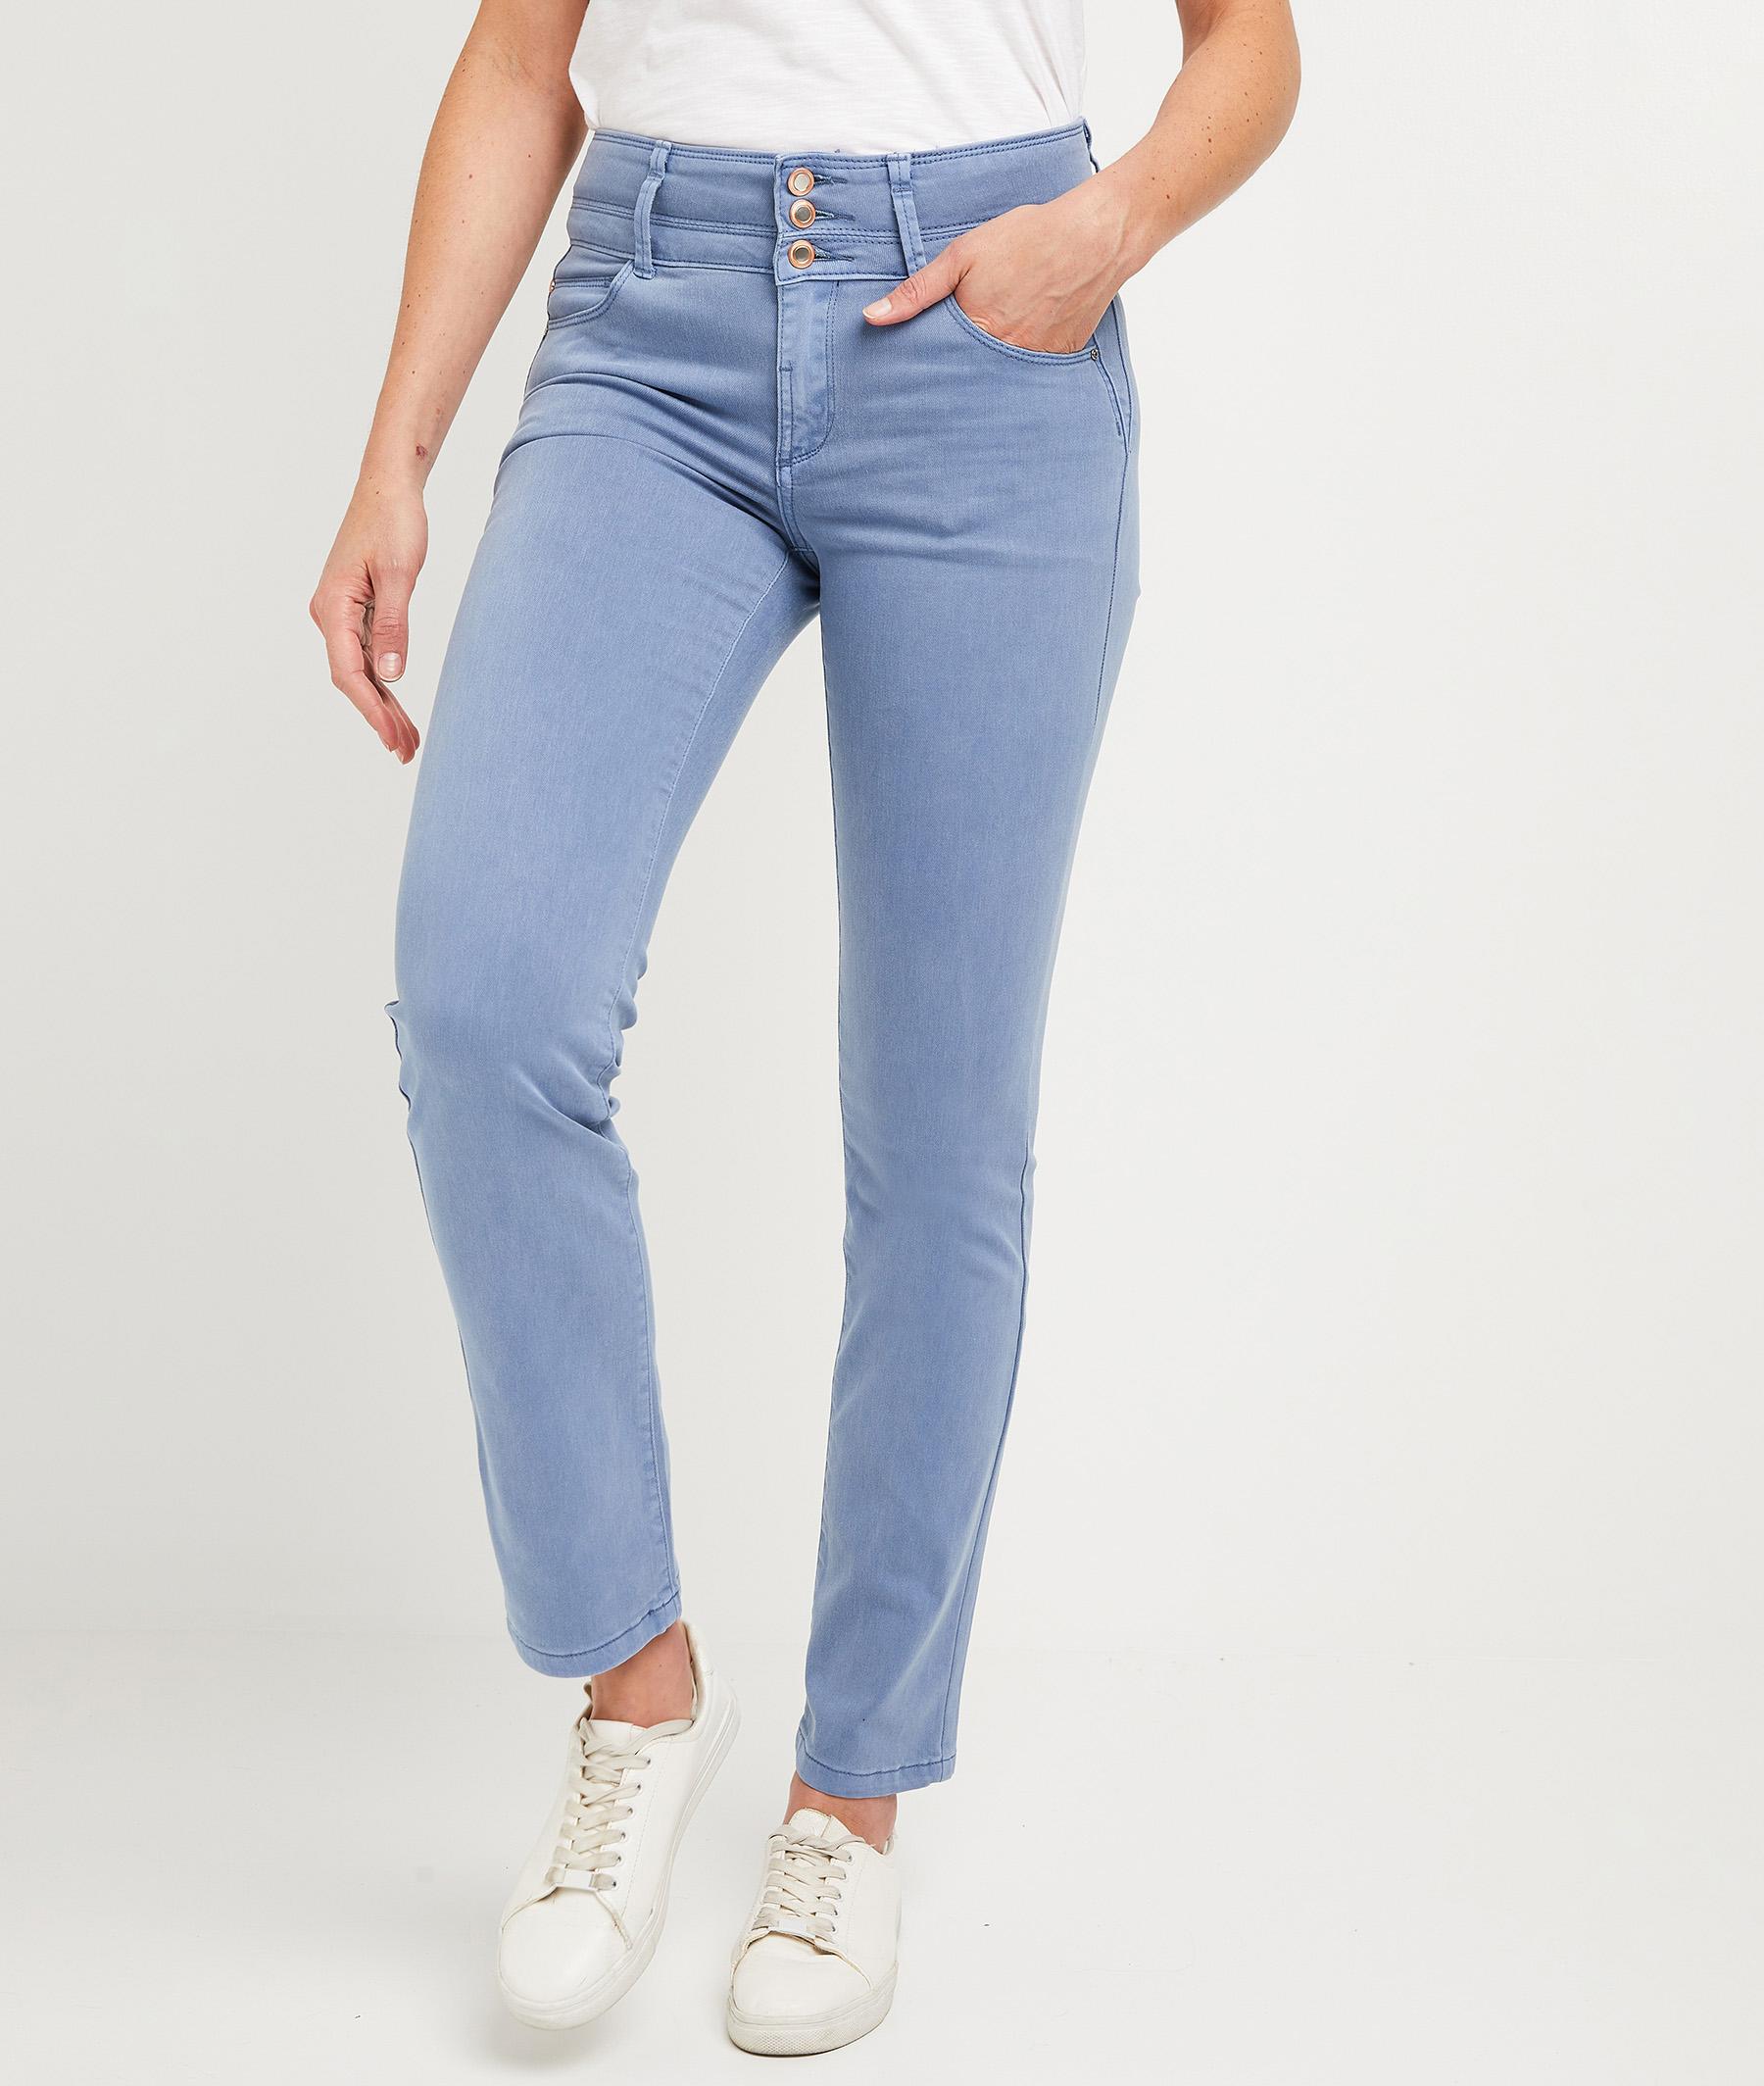 Pantalon droit taille haute uni femme ANEMONE